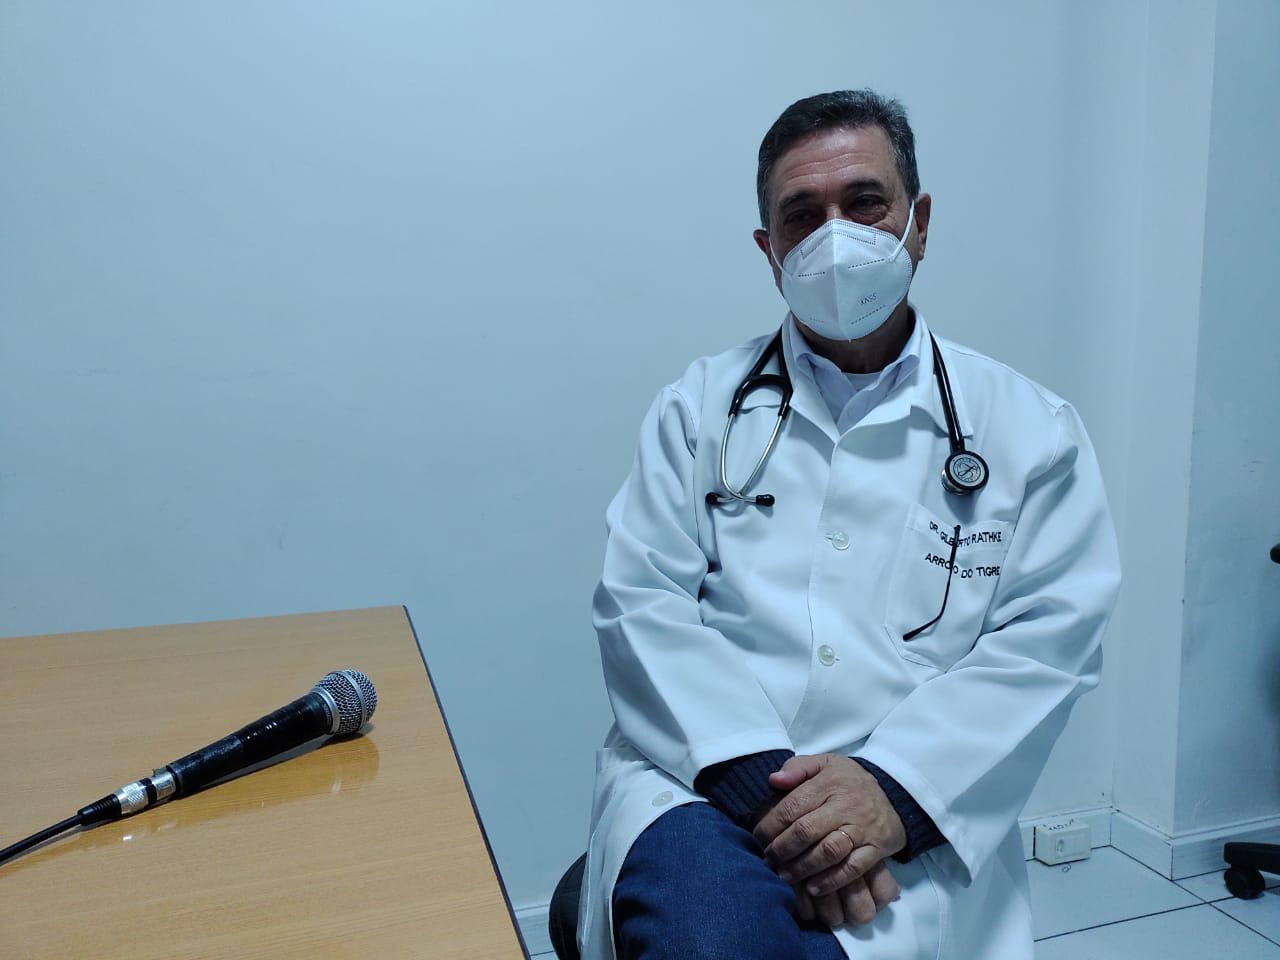 No Dia Mundial da Imunização, Gilberto Rathke reforça o pedido para as pessoas se vacinar contra a Covid-19